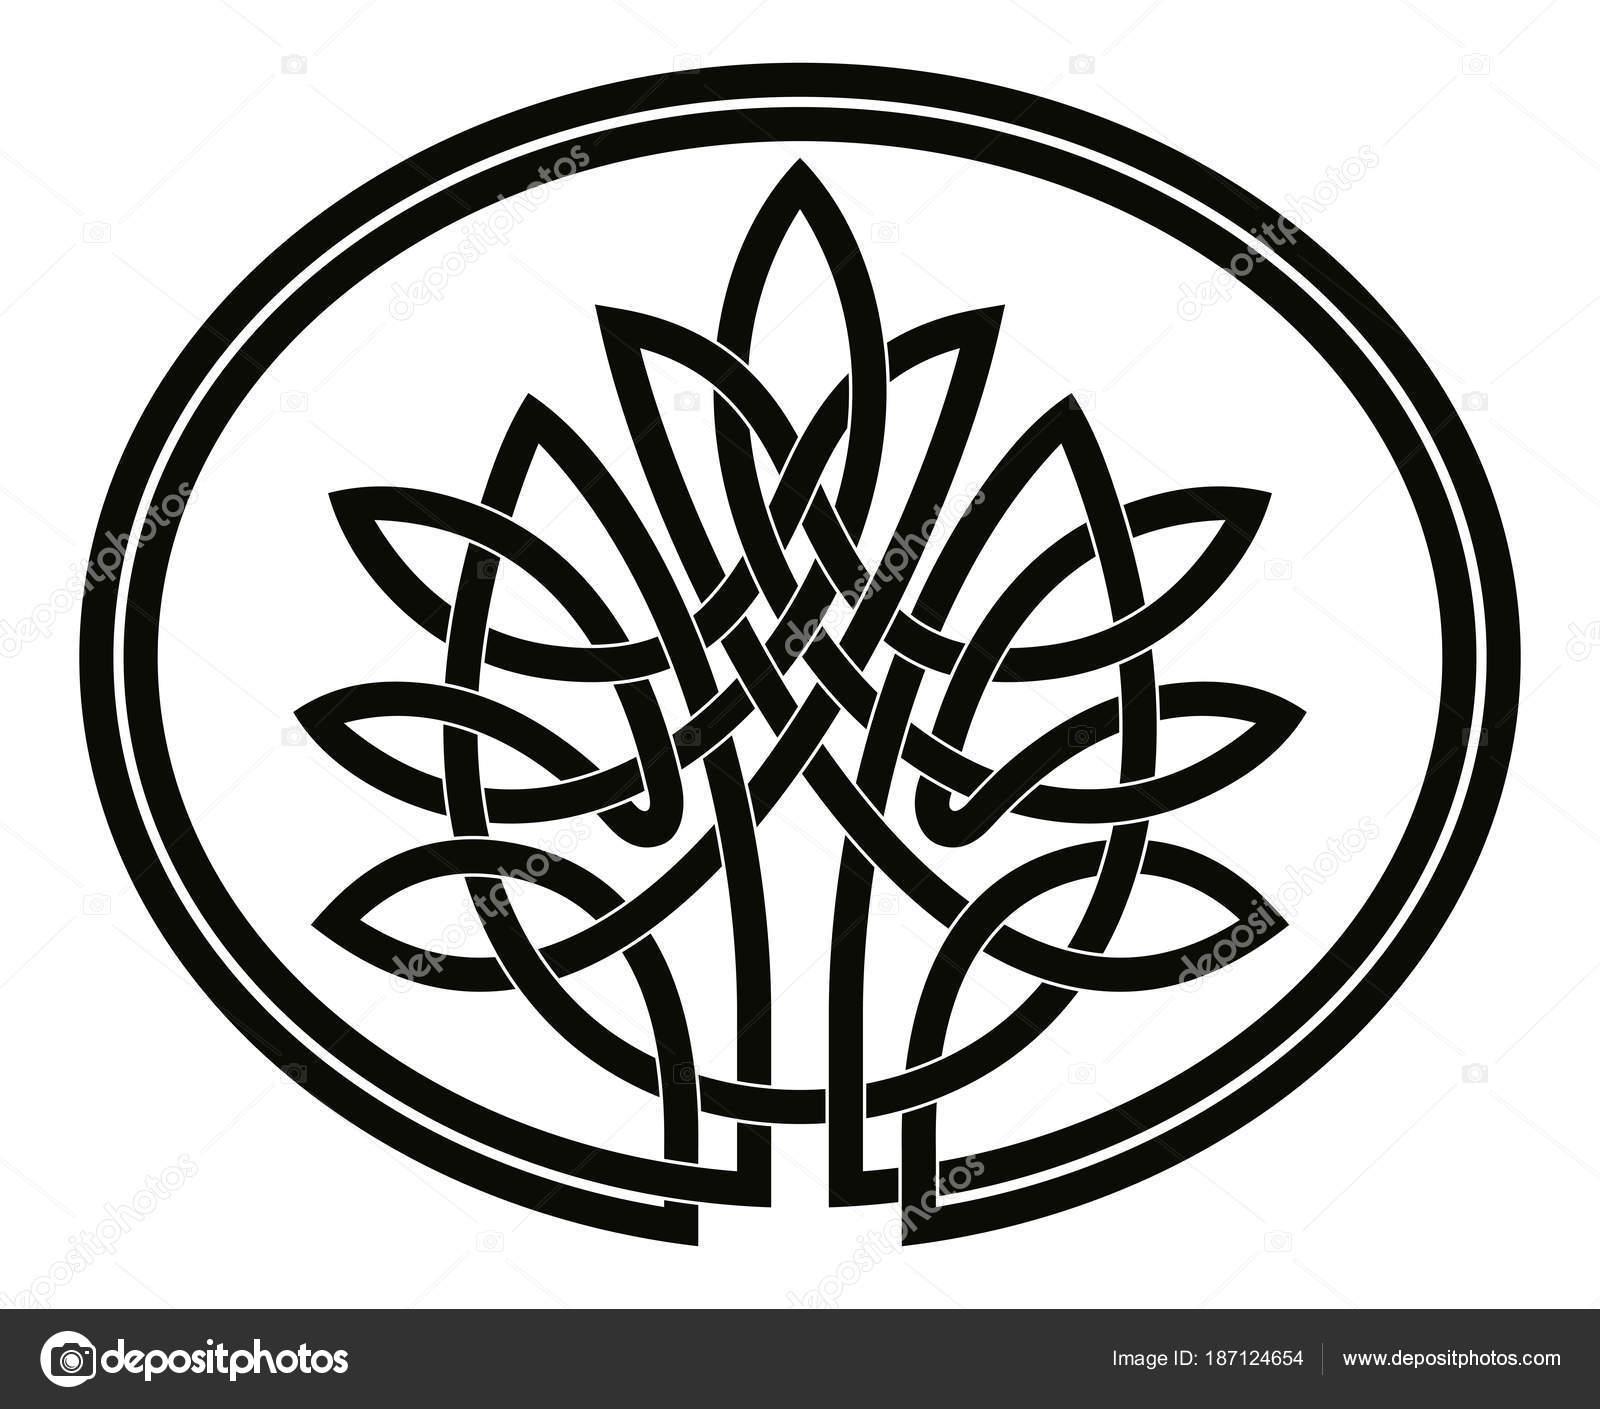 Dibujos Dibujo Del Arbol De La Vida árbol Celta De La Vida